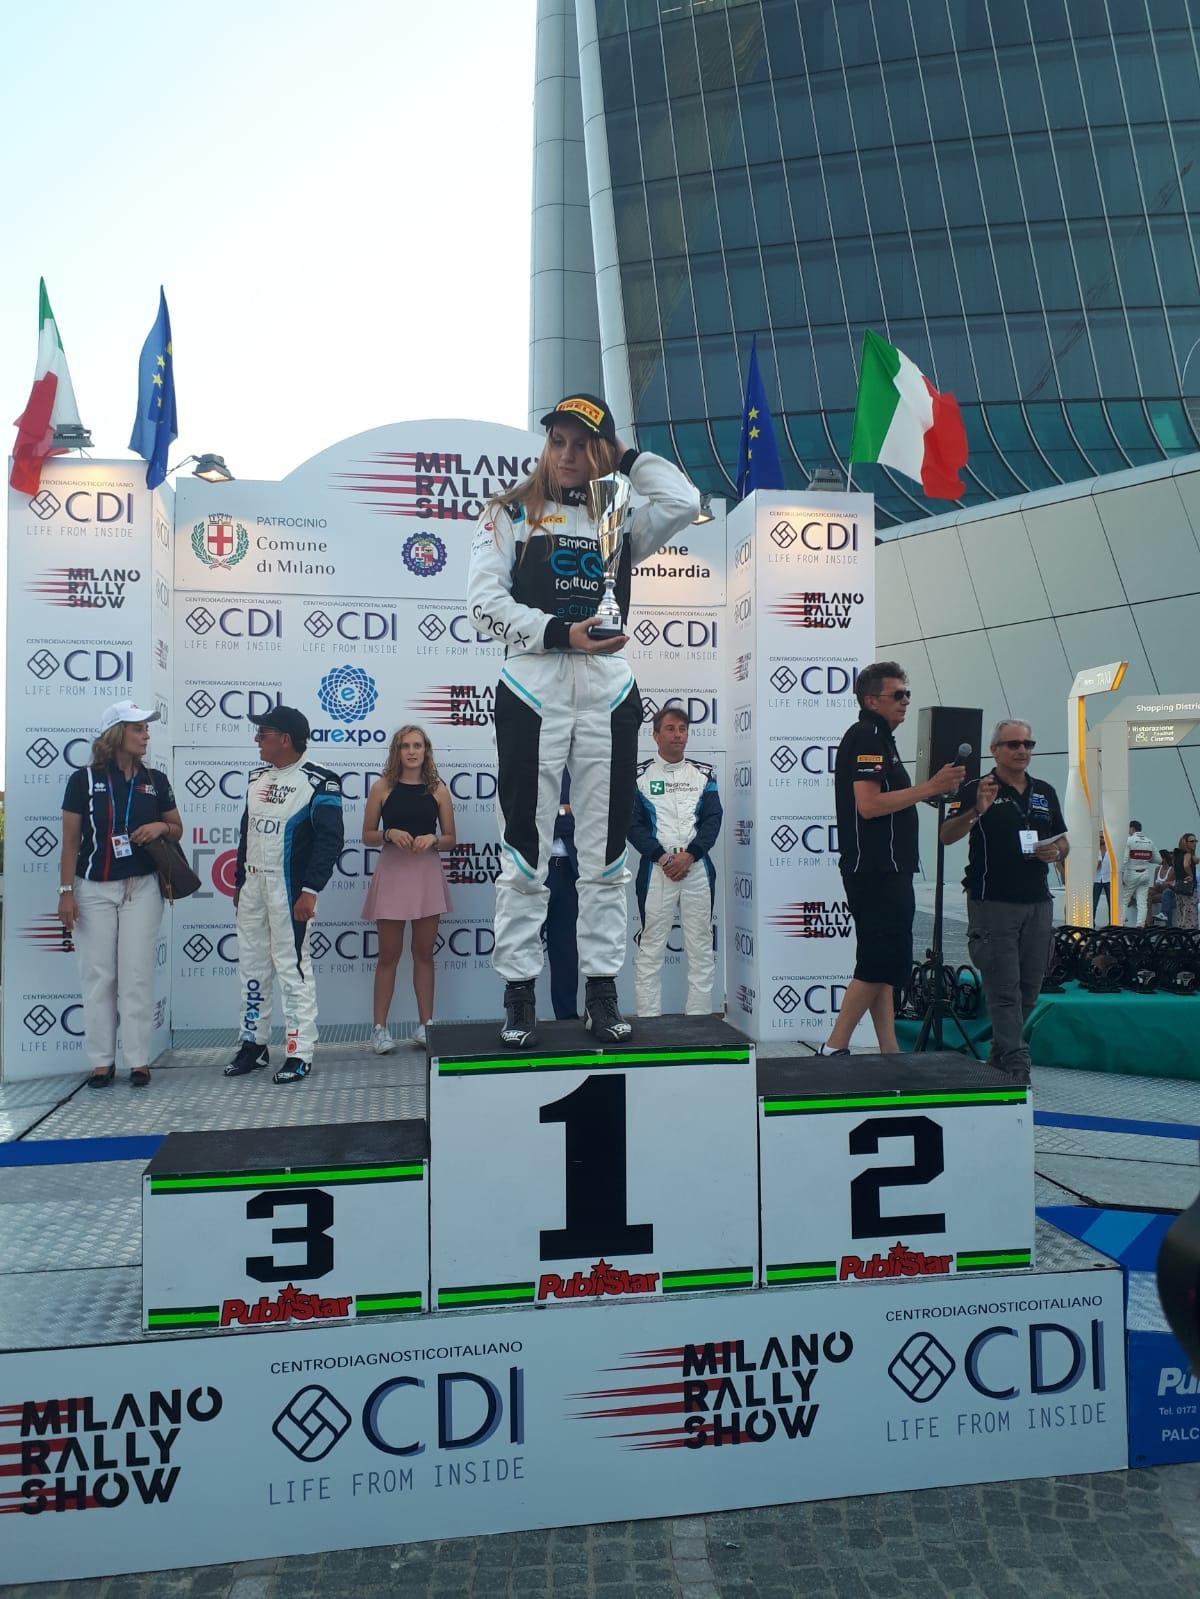 Milano Rally Show: la premiazione